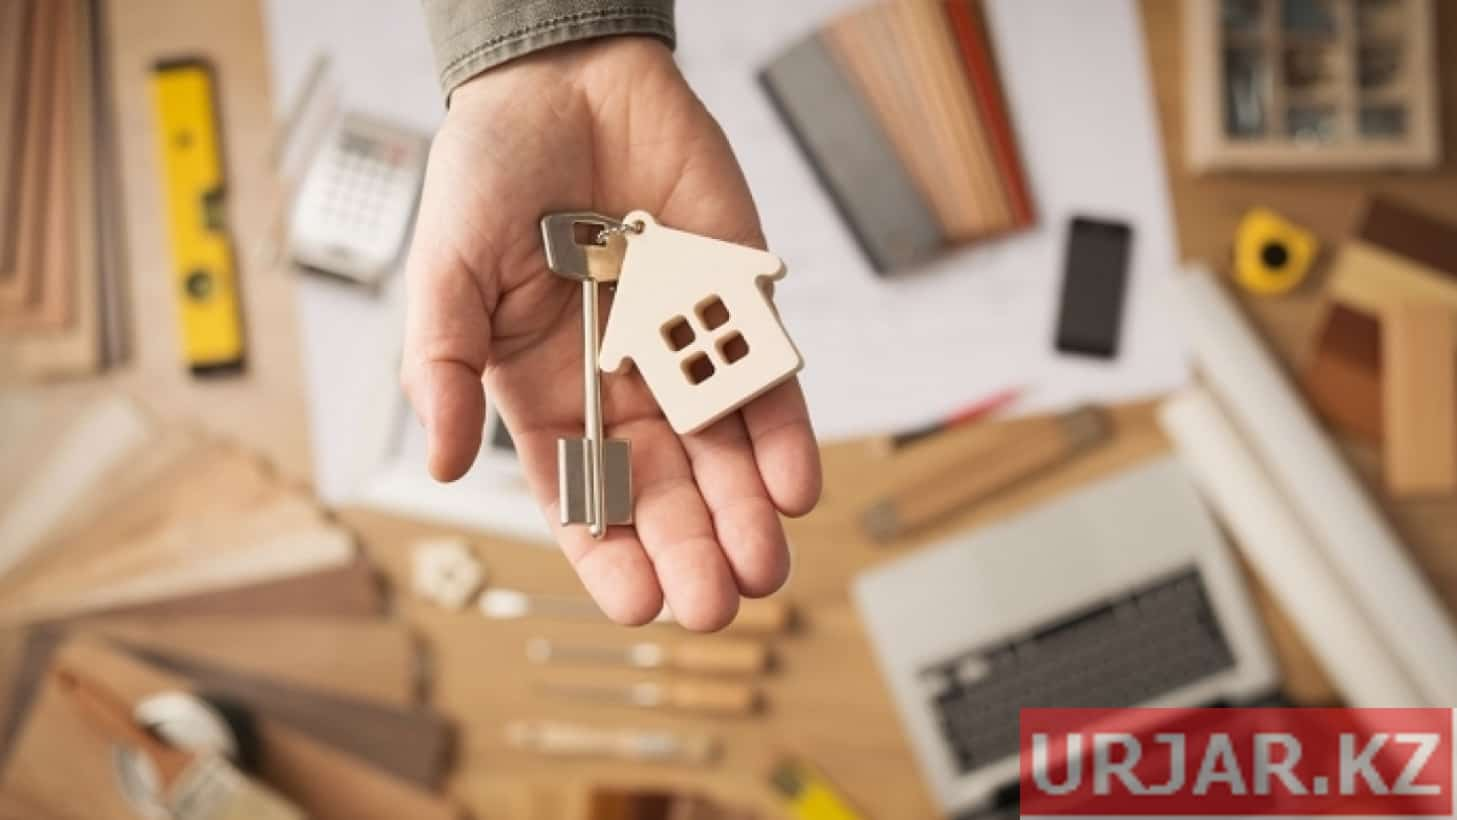 Правила предоставления жилищных сертификатов утвердят в Казахстане